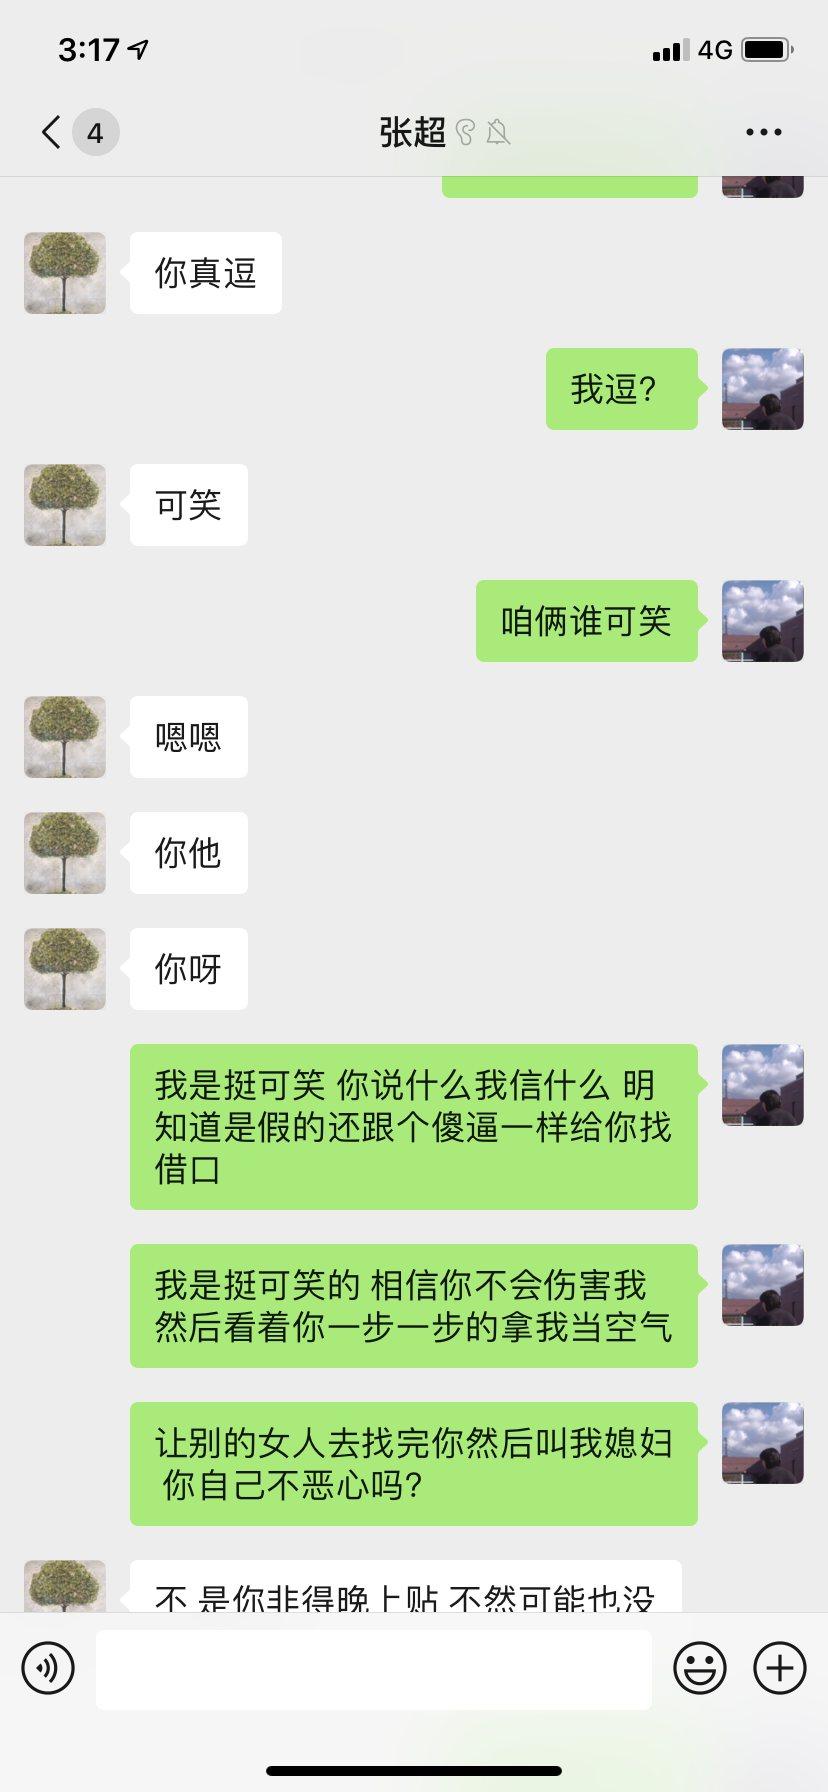 「酷格」貼出與張超的微信對話。圖/摘自微博